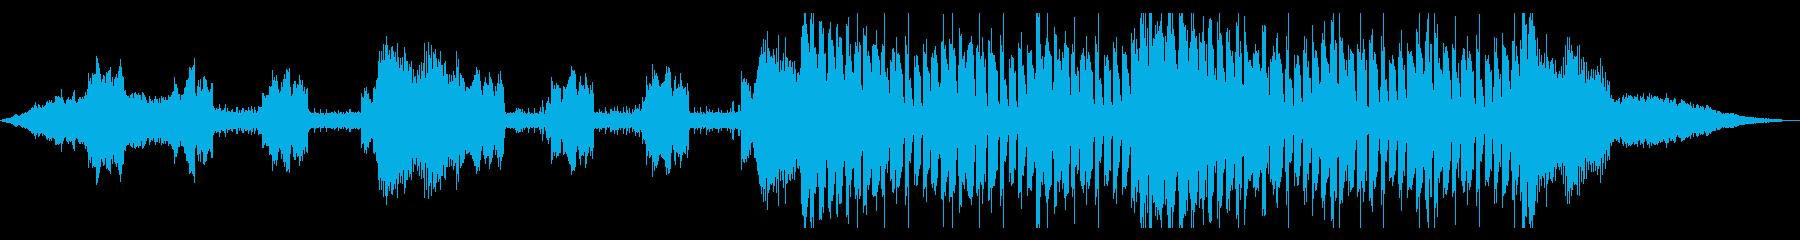 無機質、機械的、かっこいいテクスチャーの再生済みの波形